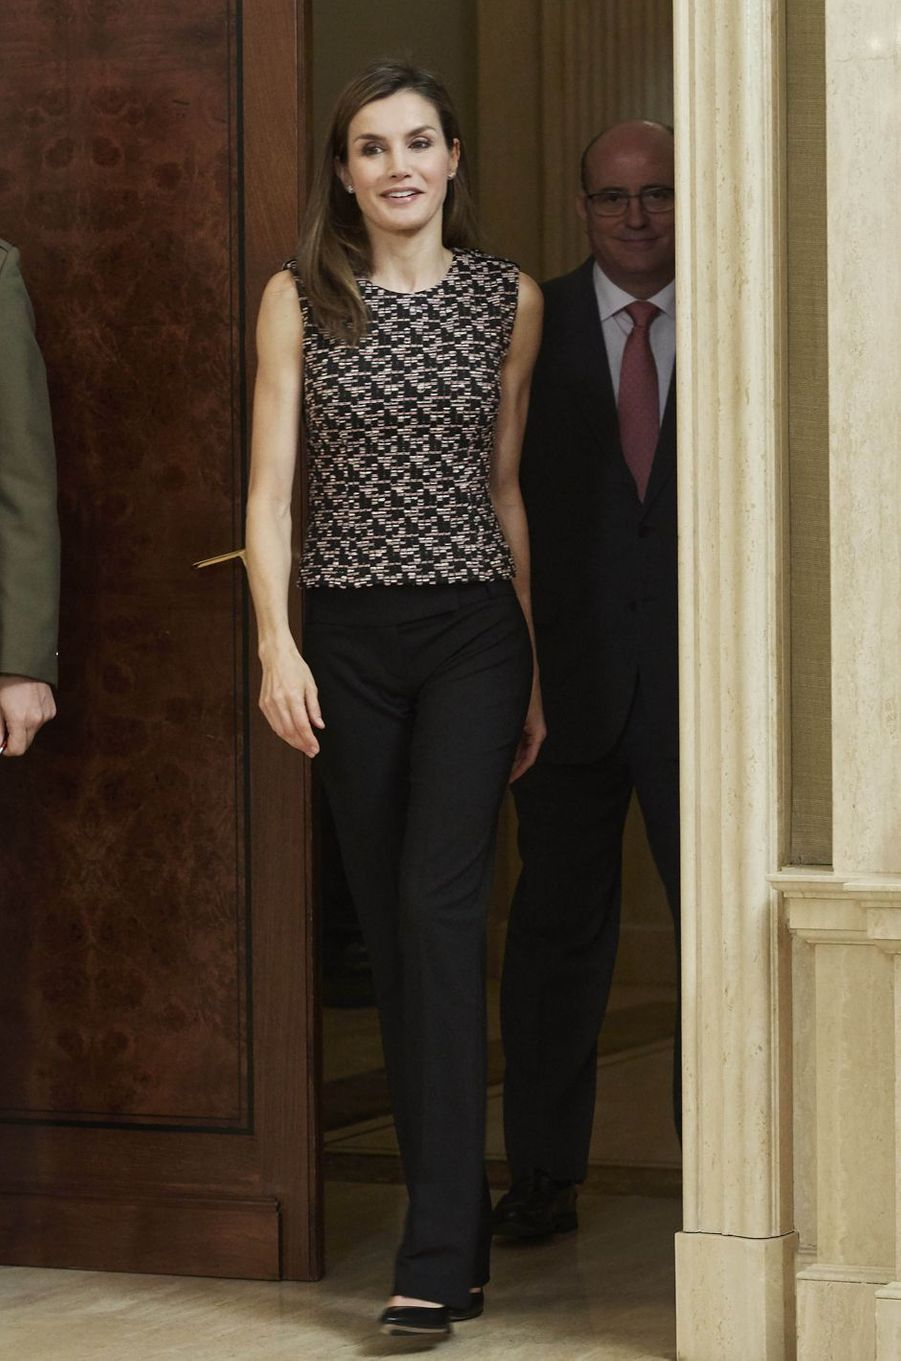 La reine Letizia d'Espagne au palais de la Zarzuela à Madrid, le 8 juin 2017